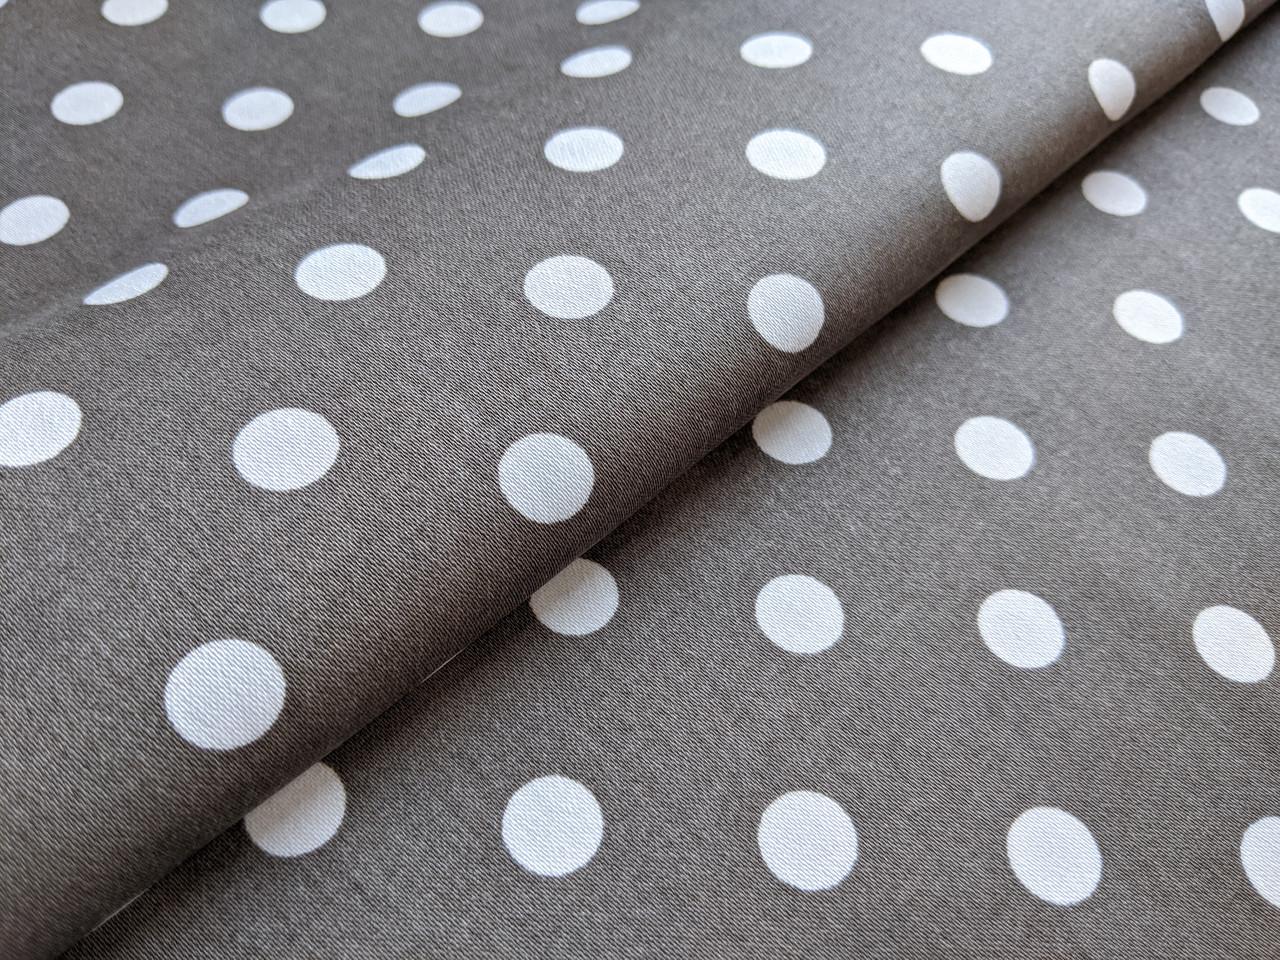 Ткань Коттон сатин горох 10 мм, белый на хаки